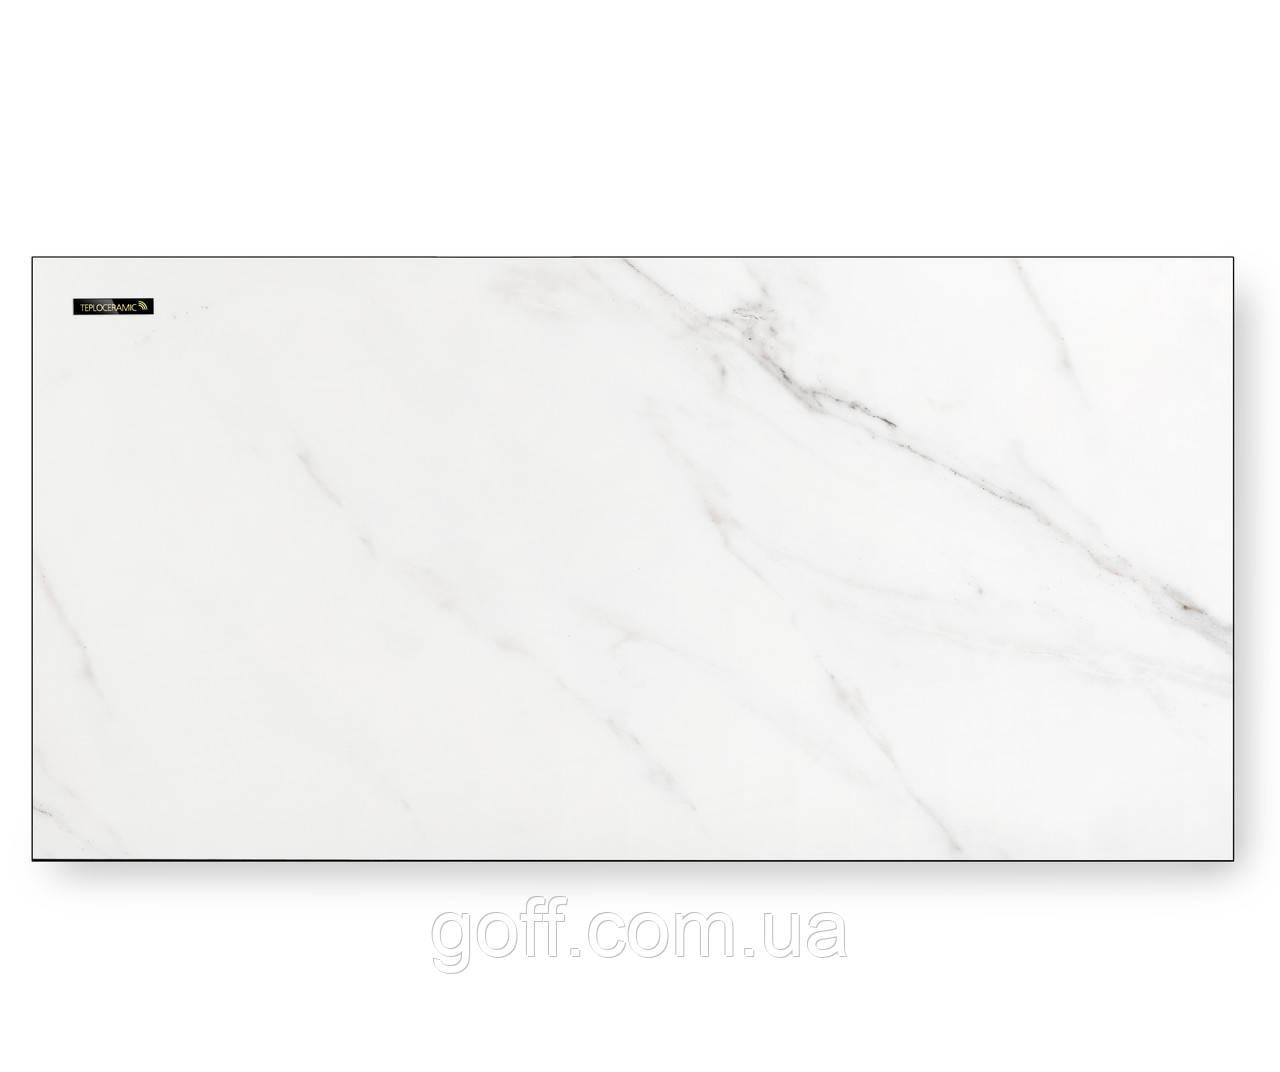 Керамический обогреватель Teploceramic TCM 450 белый мрамор 49713